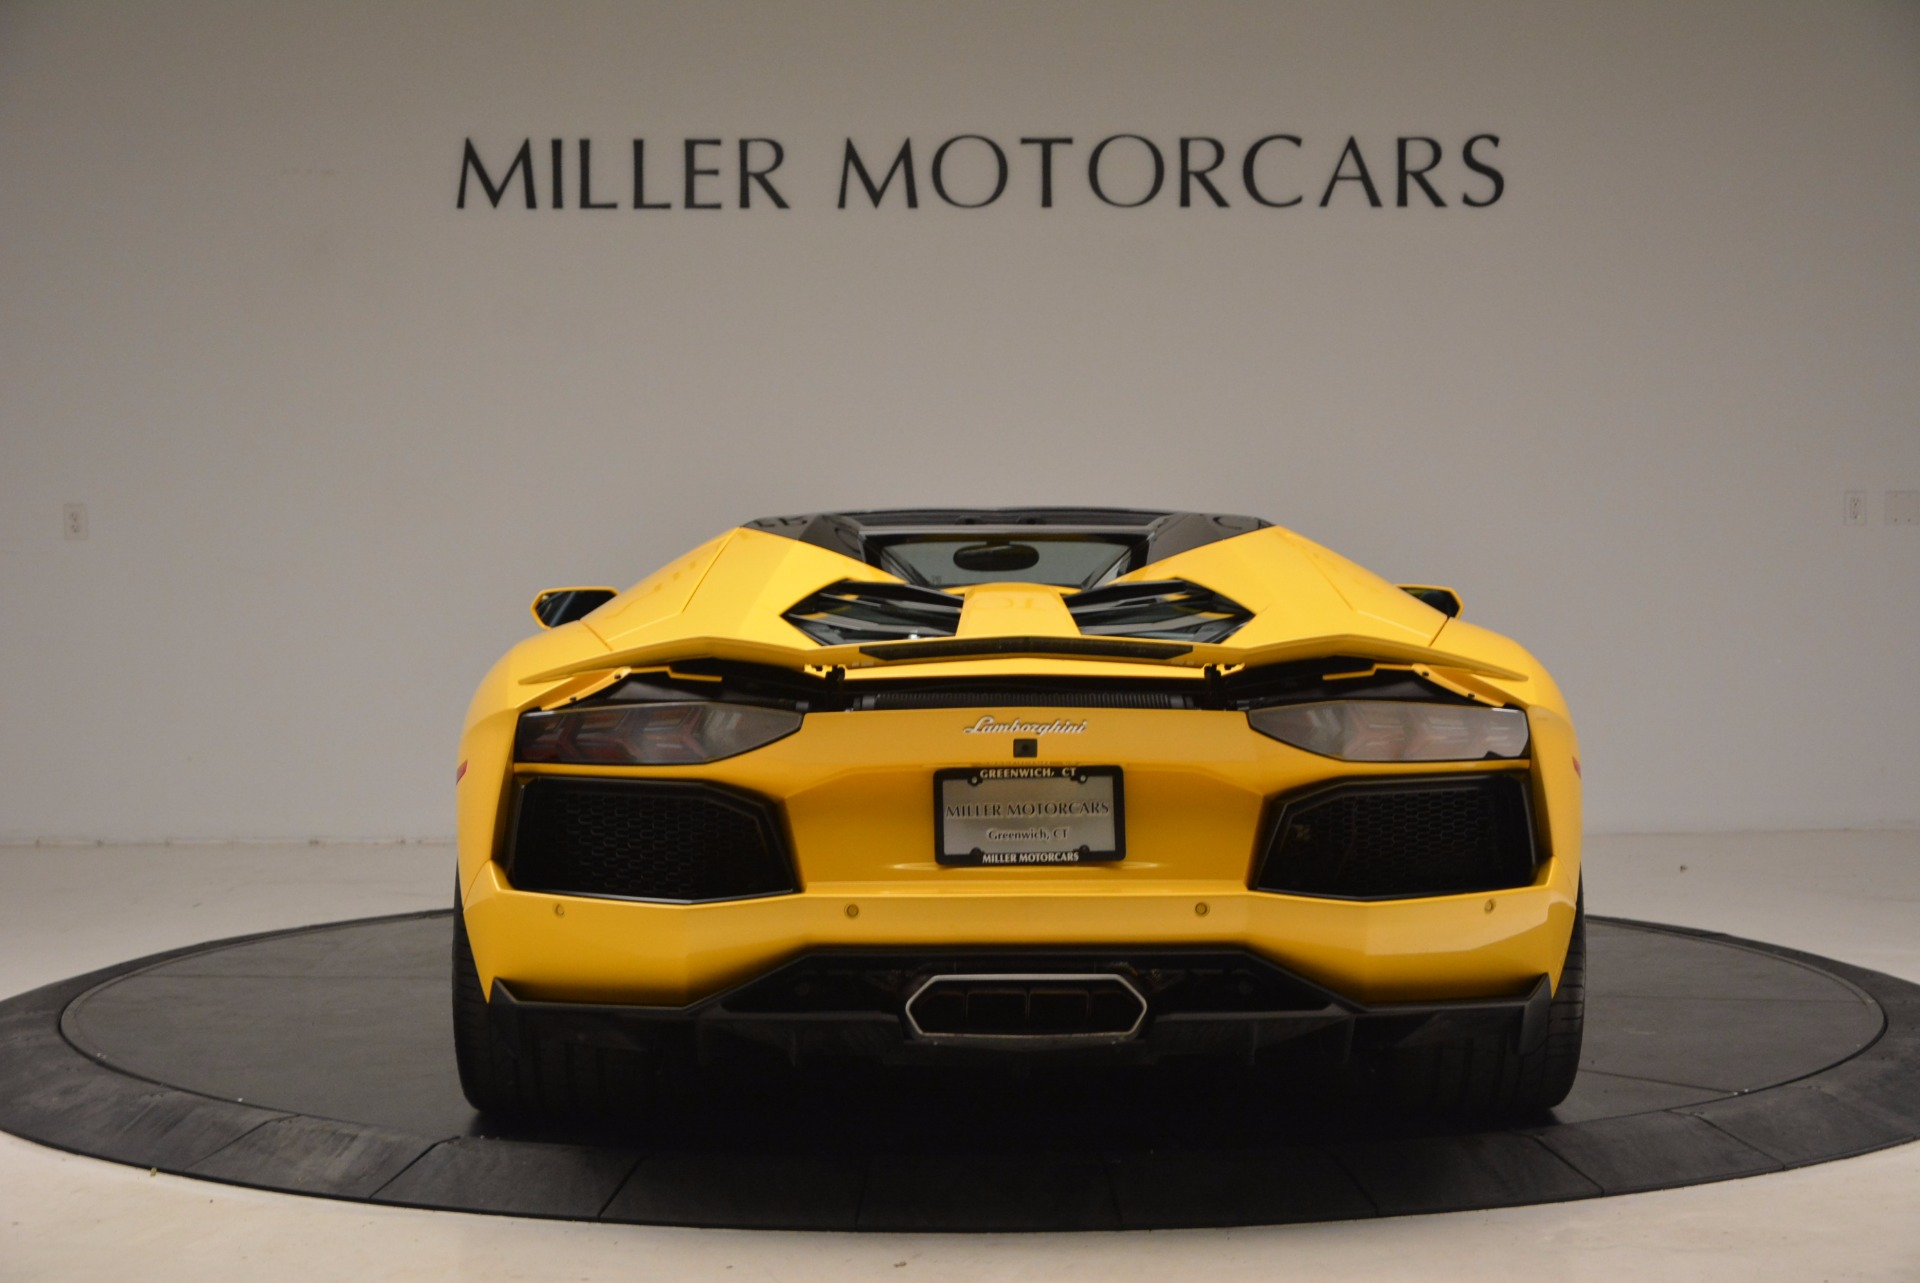 Used 2015 Lamborghini Aventador LP 700-4 Roadster For Sale In Greenwich, CT 1774_p6